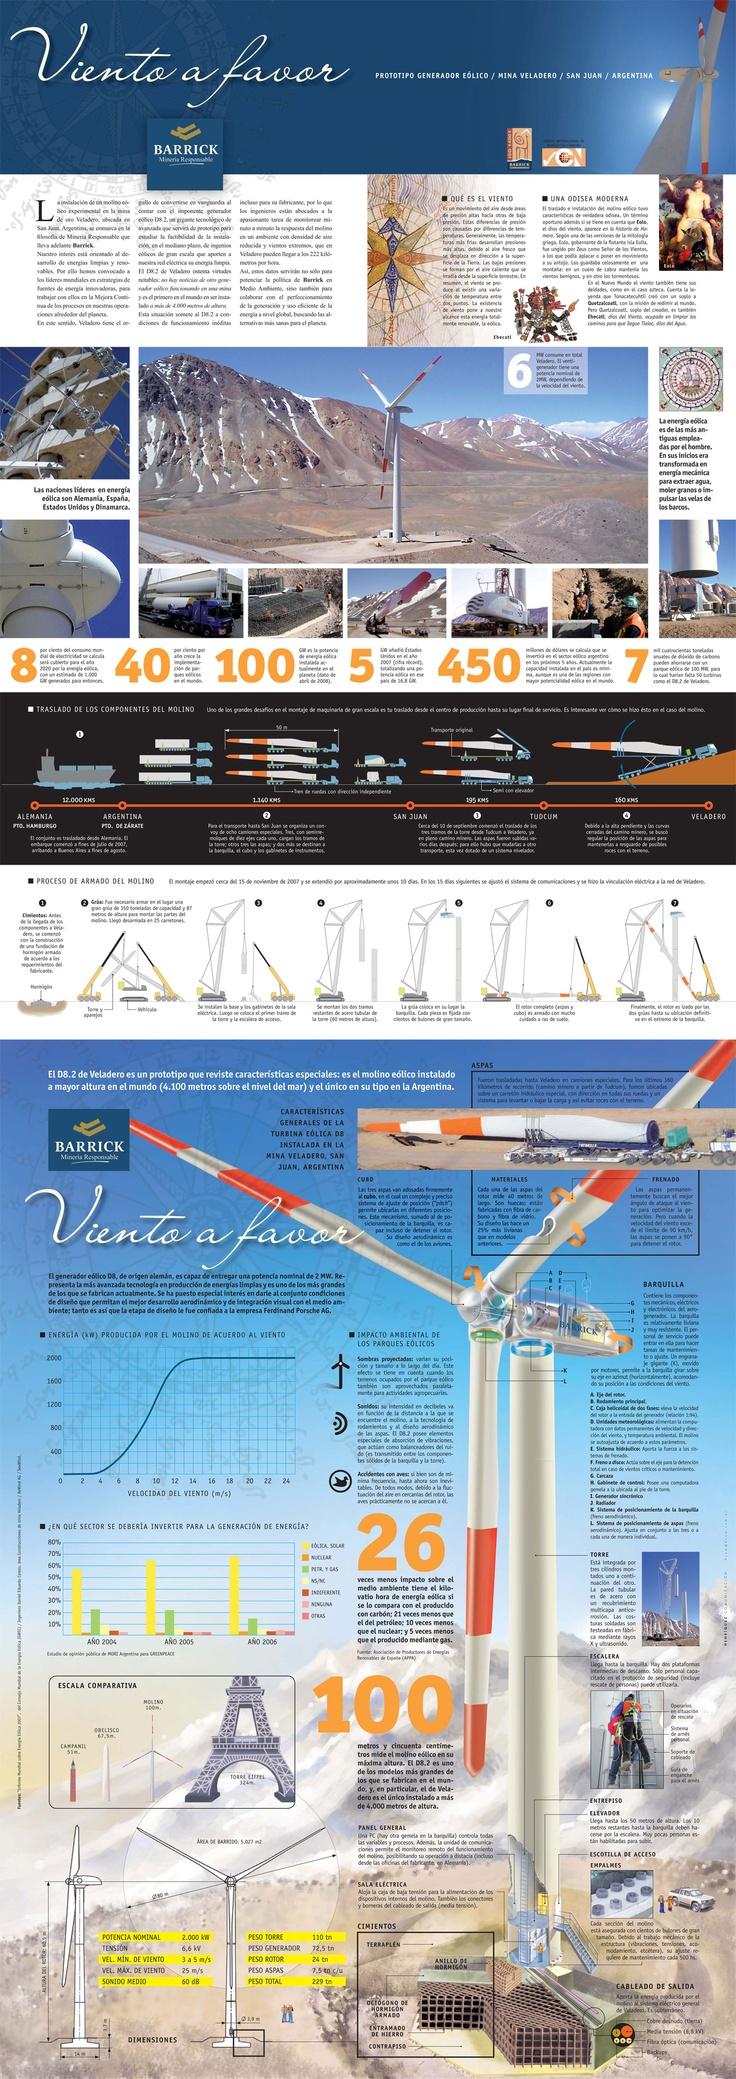 Generador Eólico - Infografía completa en el sitio de Barrick Sudamérica http://barricksudamerica.com